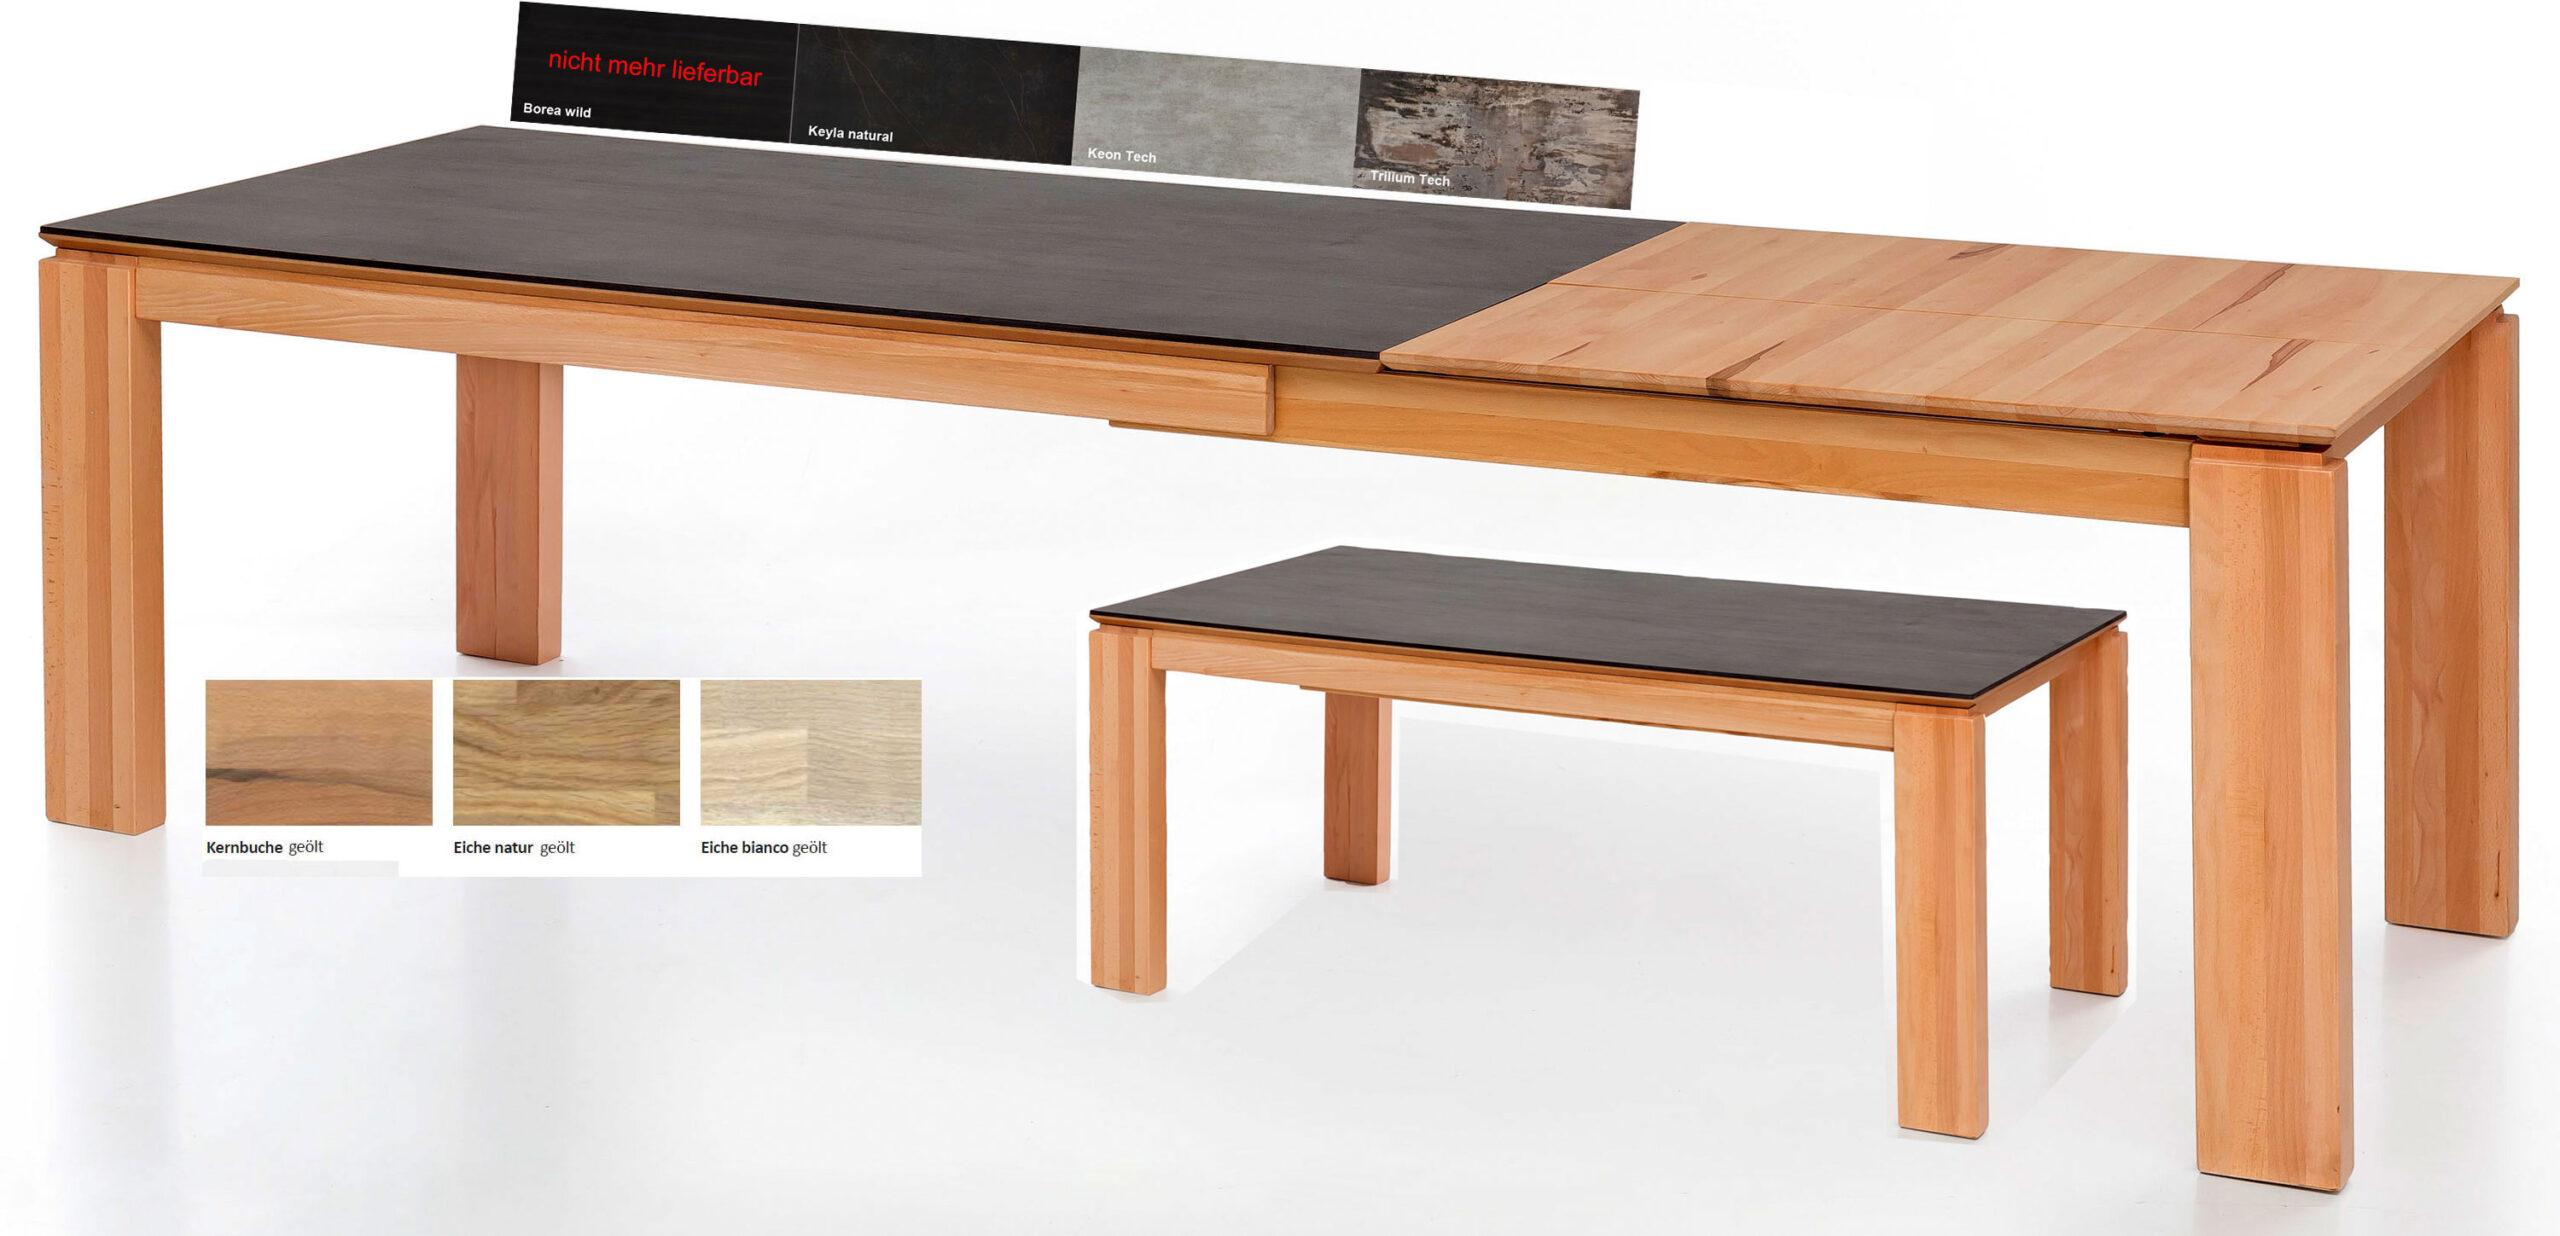 Full Size of Standard Furniture Manzano Esstisch Ausziehbar Massiv Mit Glas Eiche Esstische Holz 160 Pendelleuchte Ausziehbarer 80x80 Betonplatte 4 Stühlen Günstig Esstische Esstisch Ausziehbar Massiv